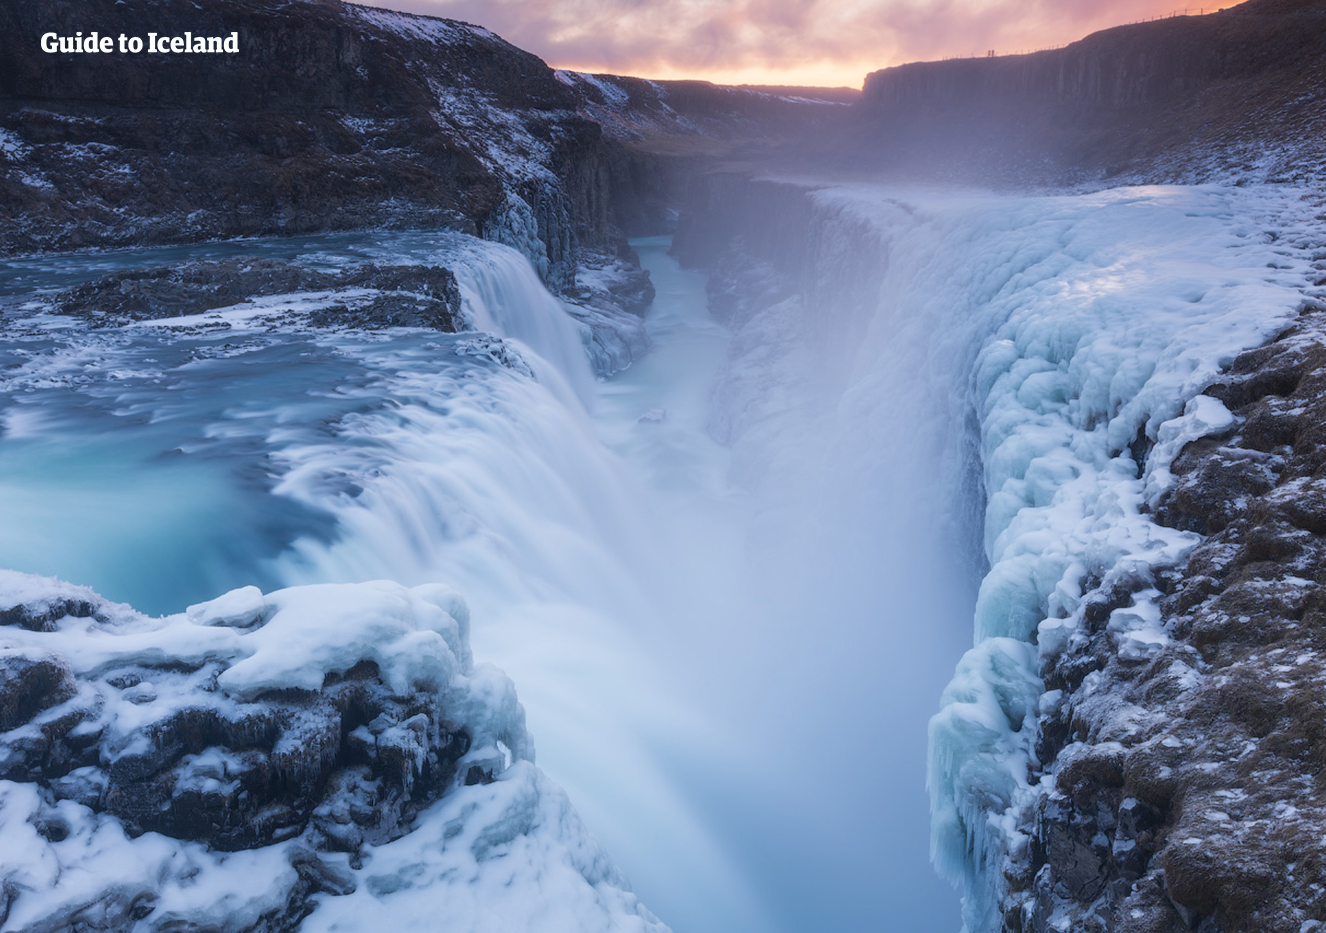 Der Wasserfall Gullfoss am Golden Circle ergießt sich 32 Meter tief in eine uralte Schlucht